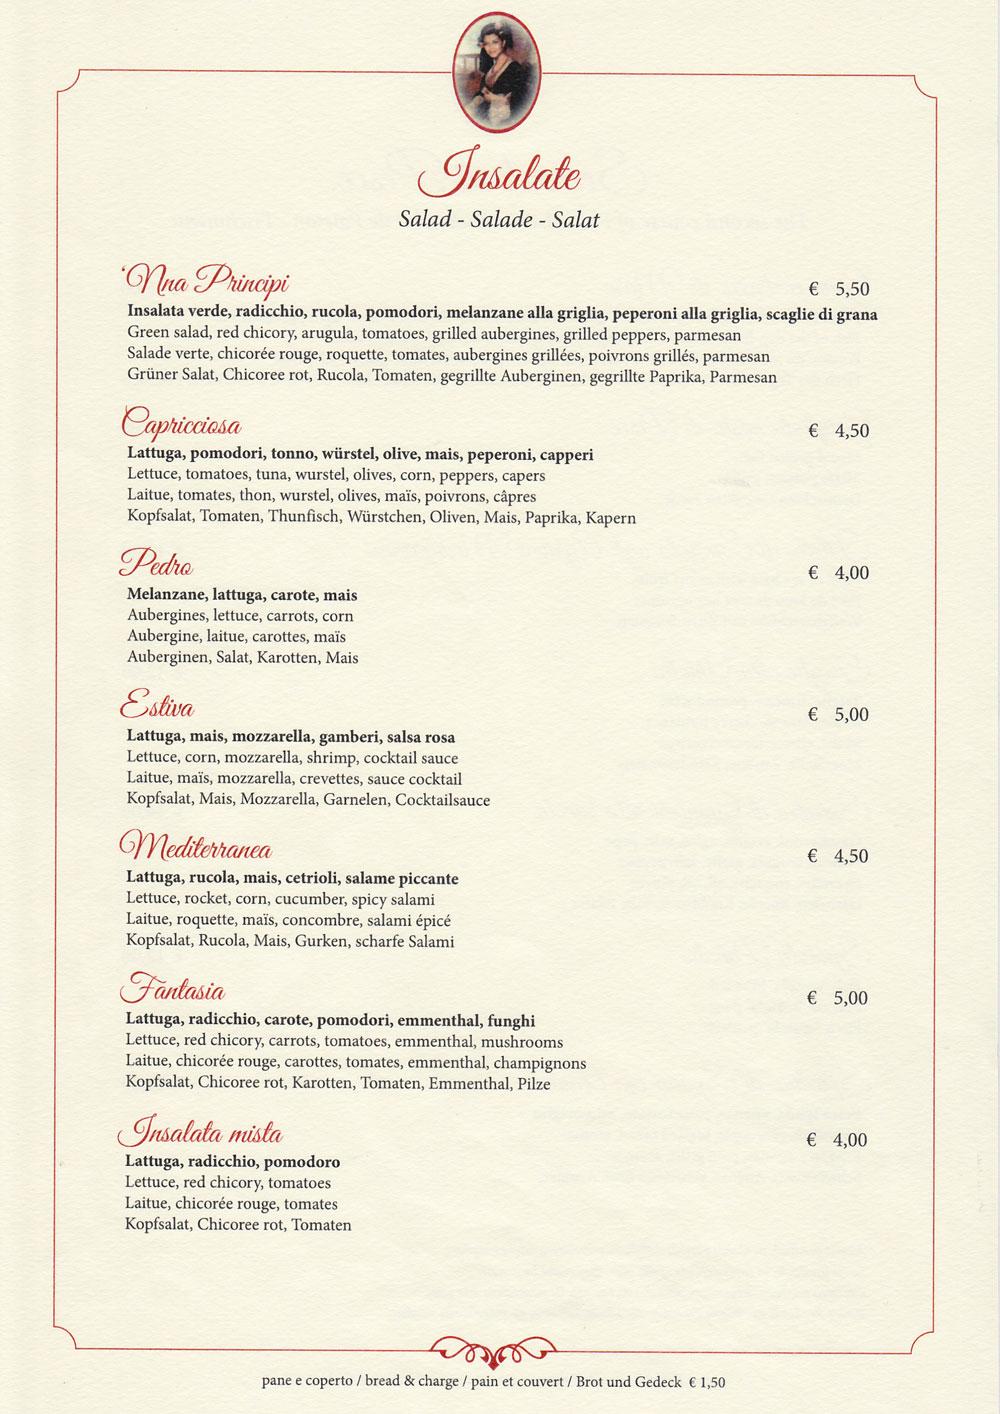 insalate ristorante 'Nna Principi di Cefalù